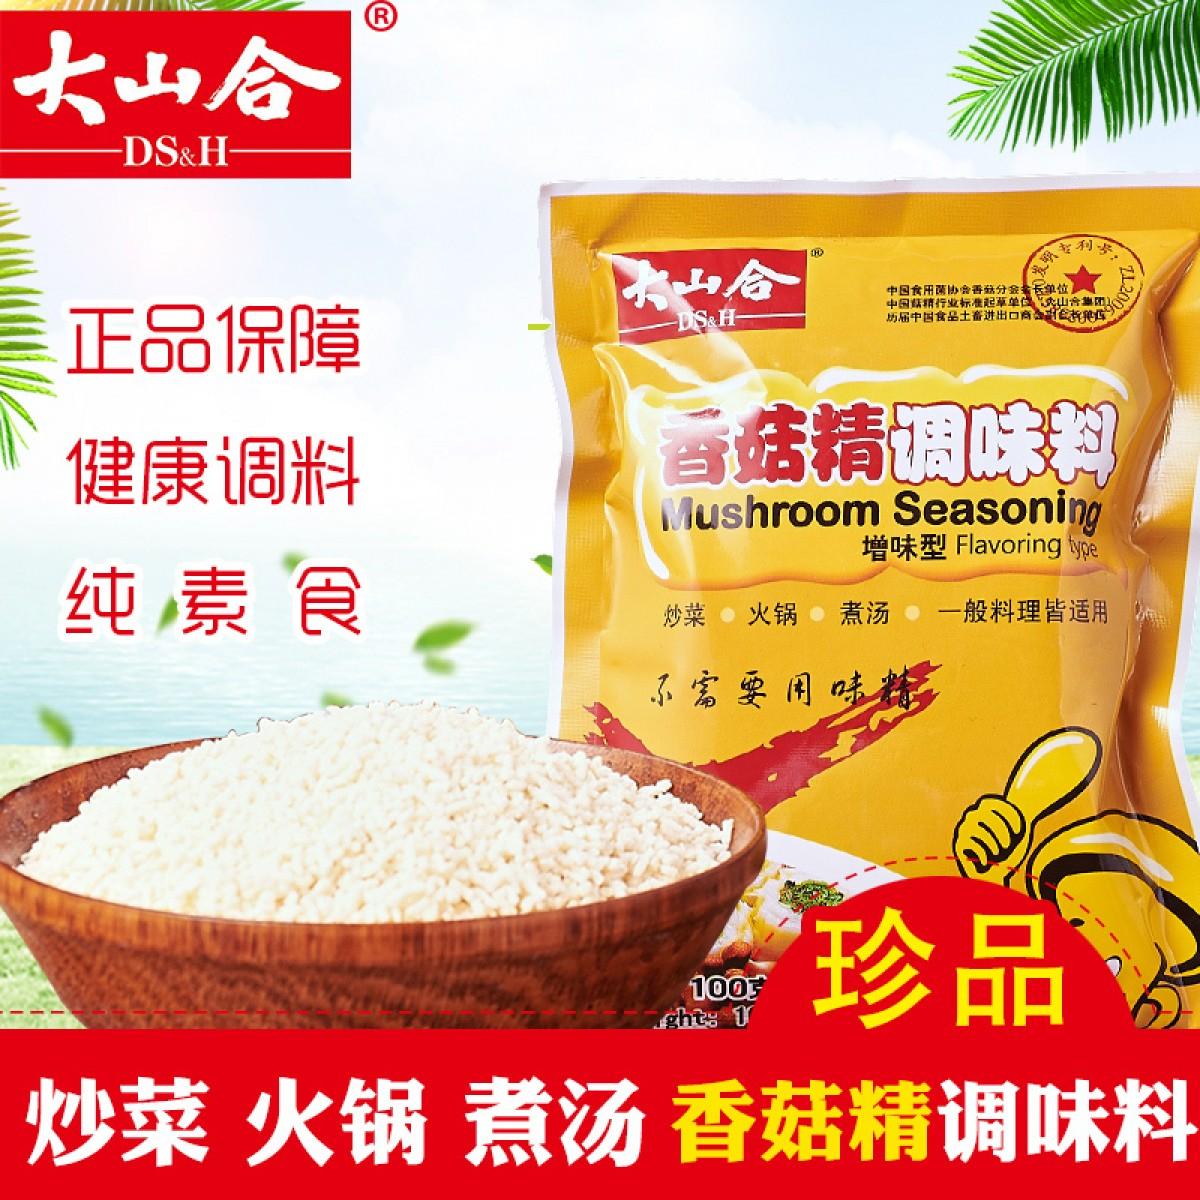 大山合香菇精调味料 代替味精鸡精纯素调味料100g